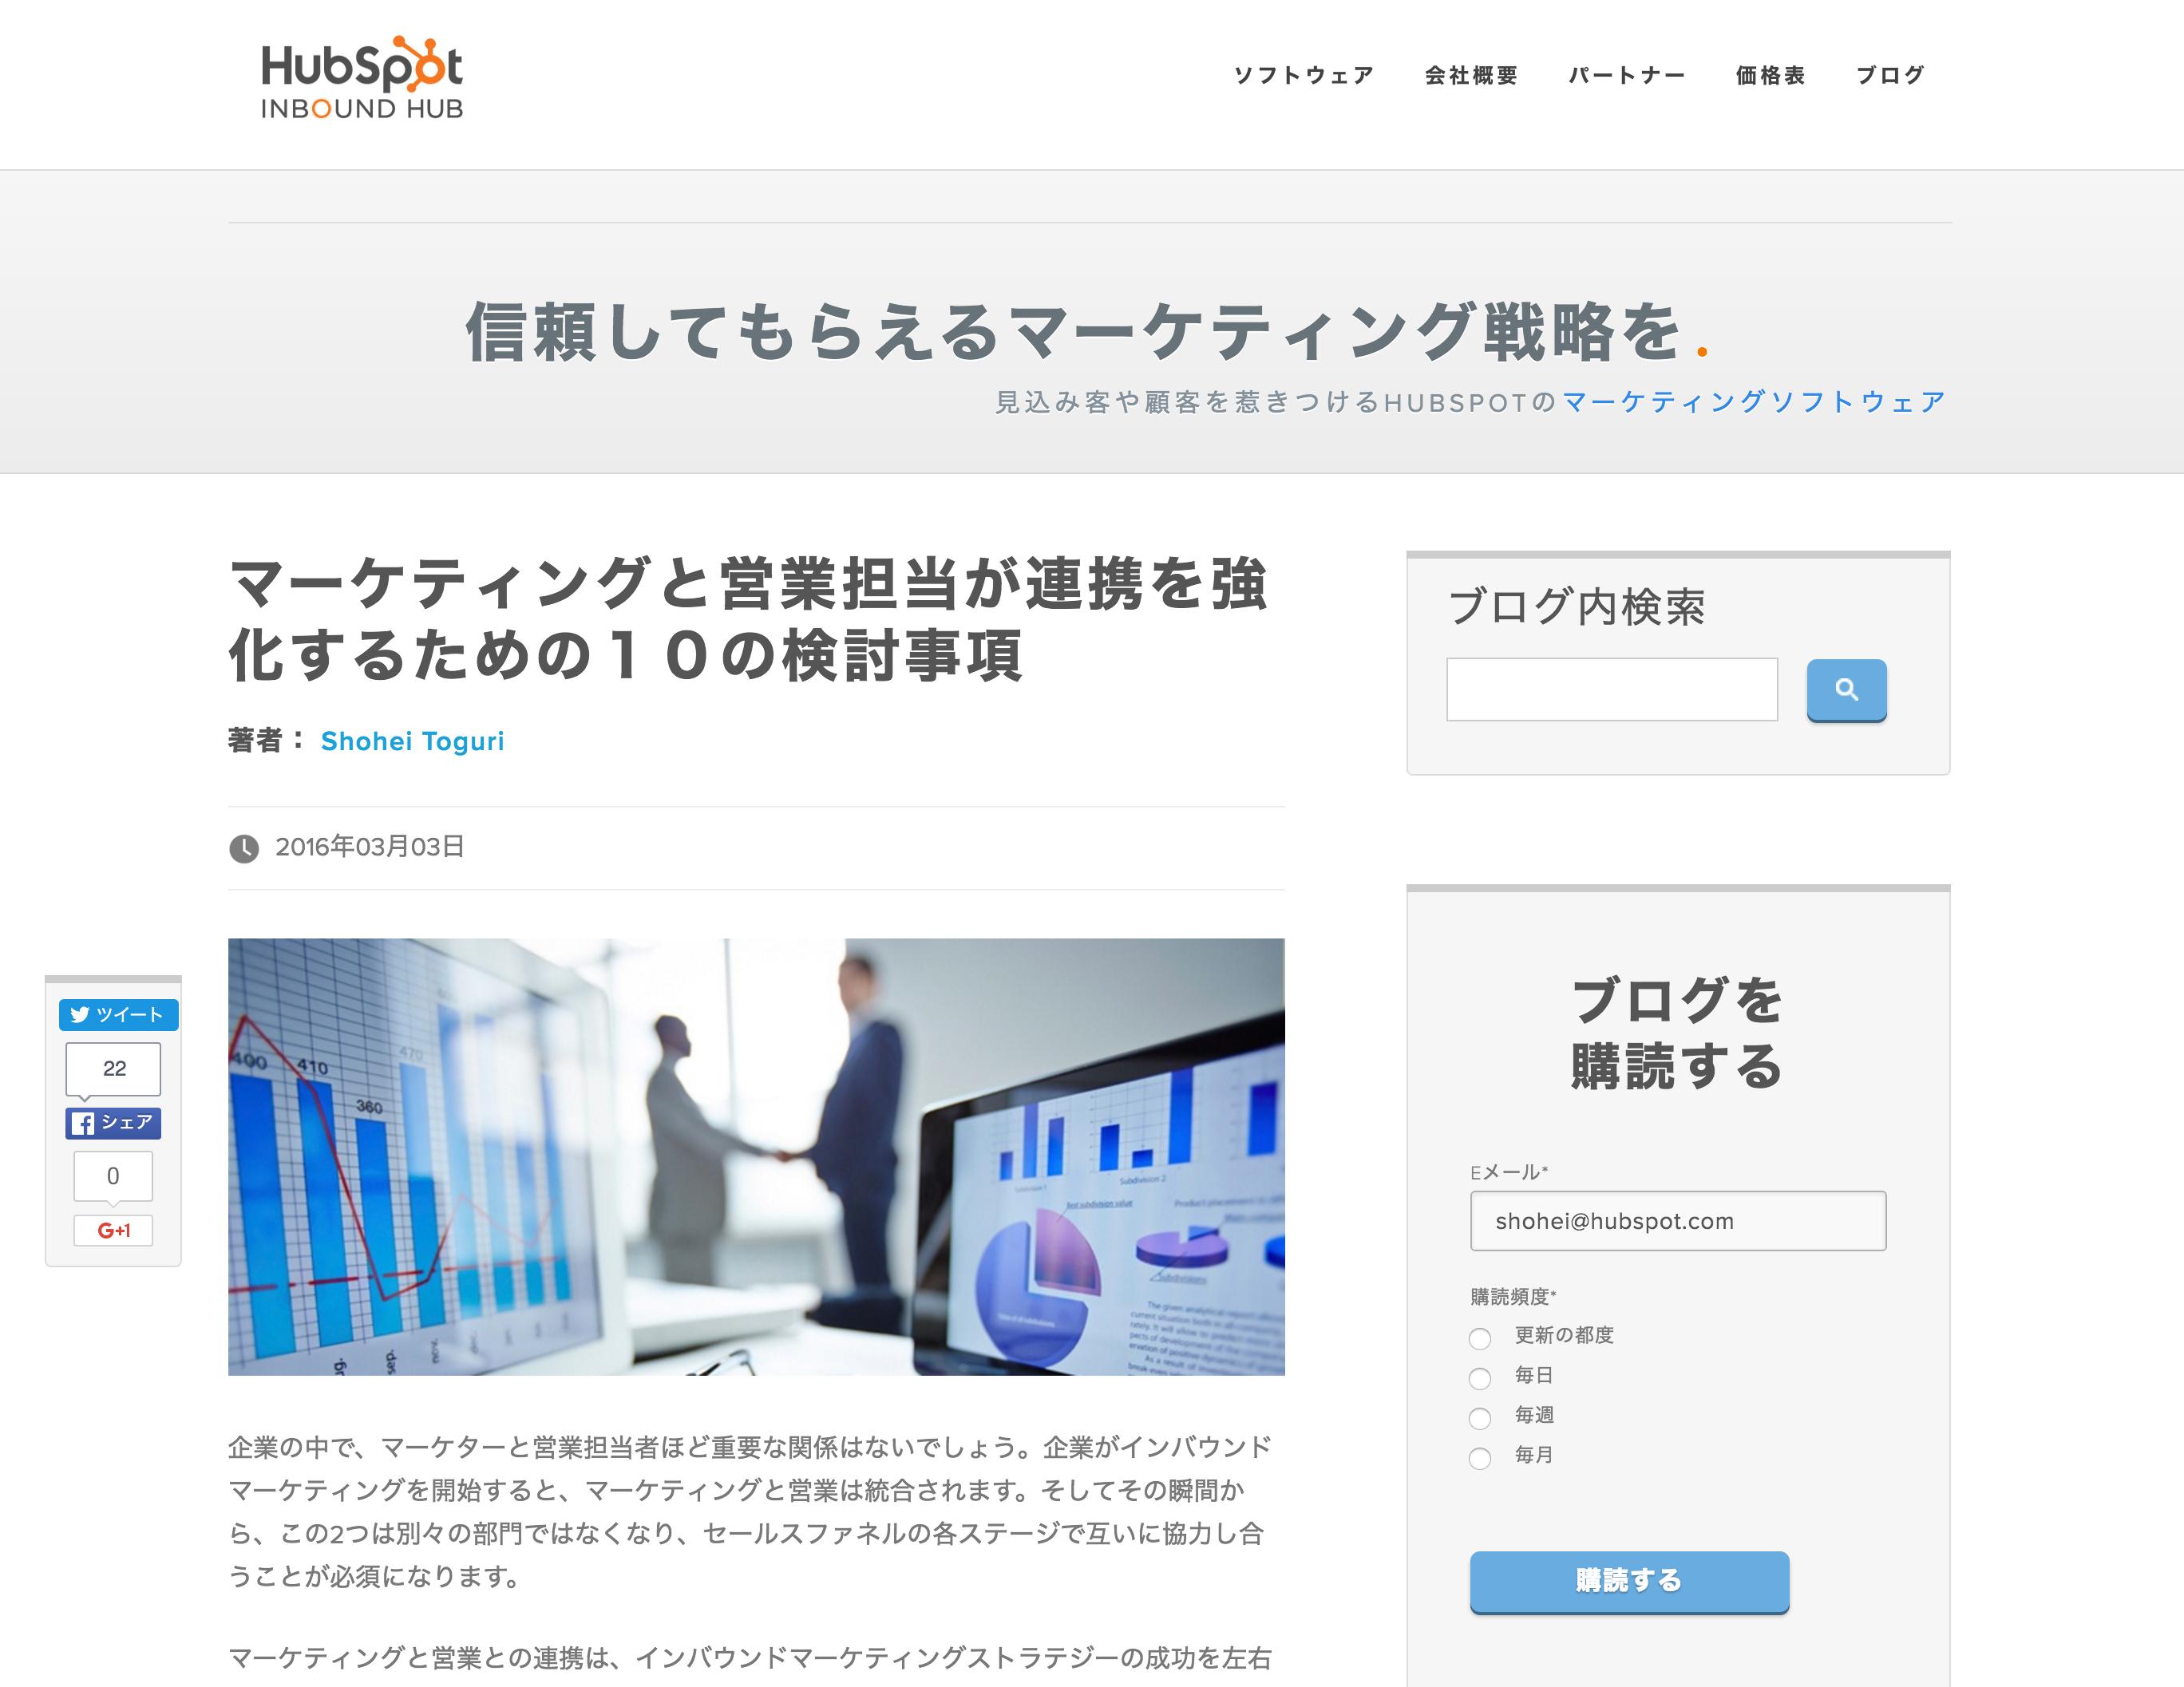 Japanese Blog